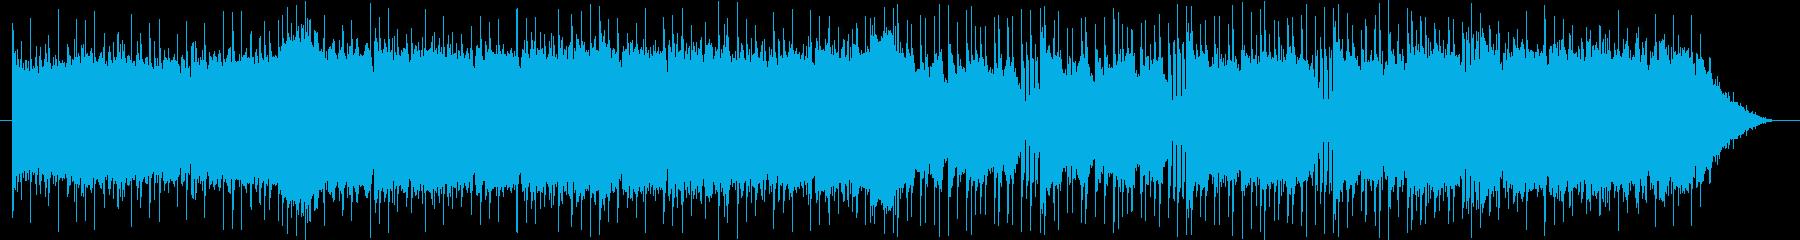 ゲームのBGMの再生済みの波形